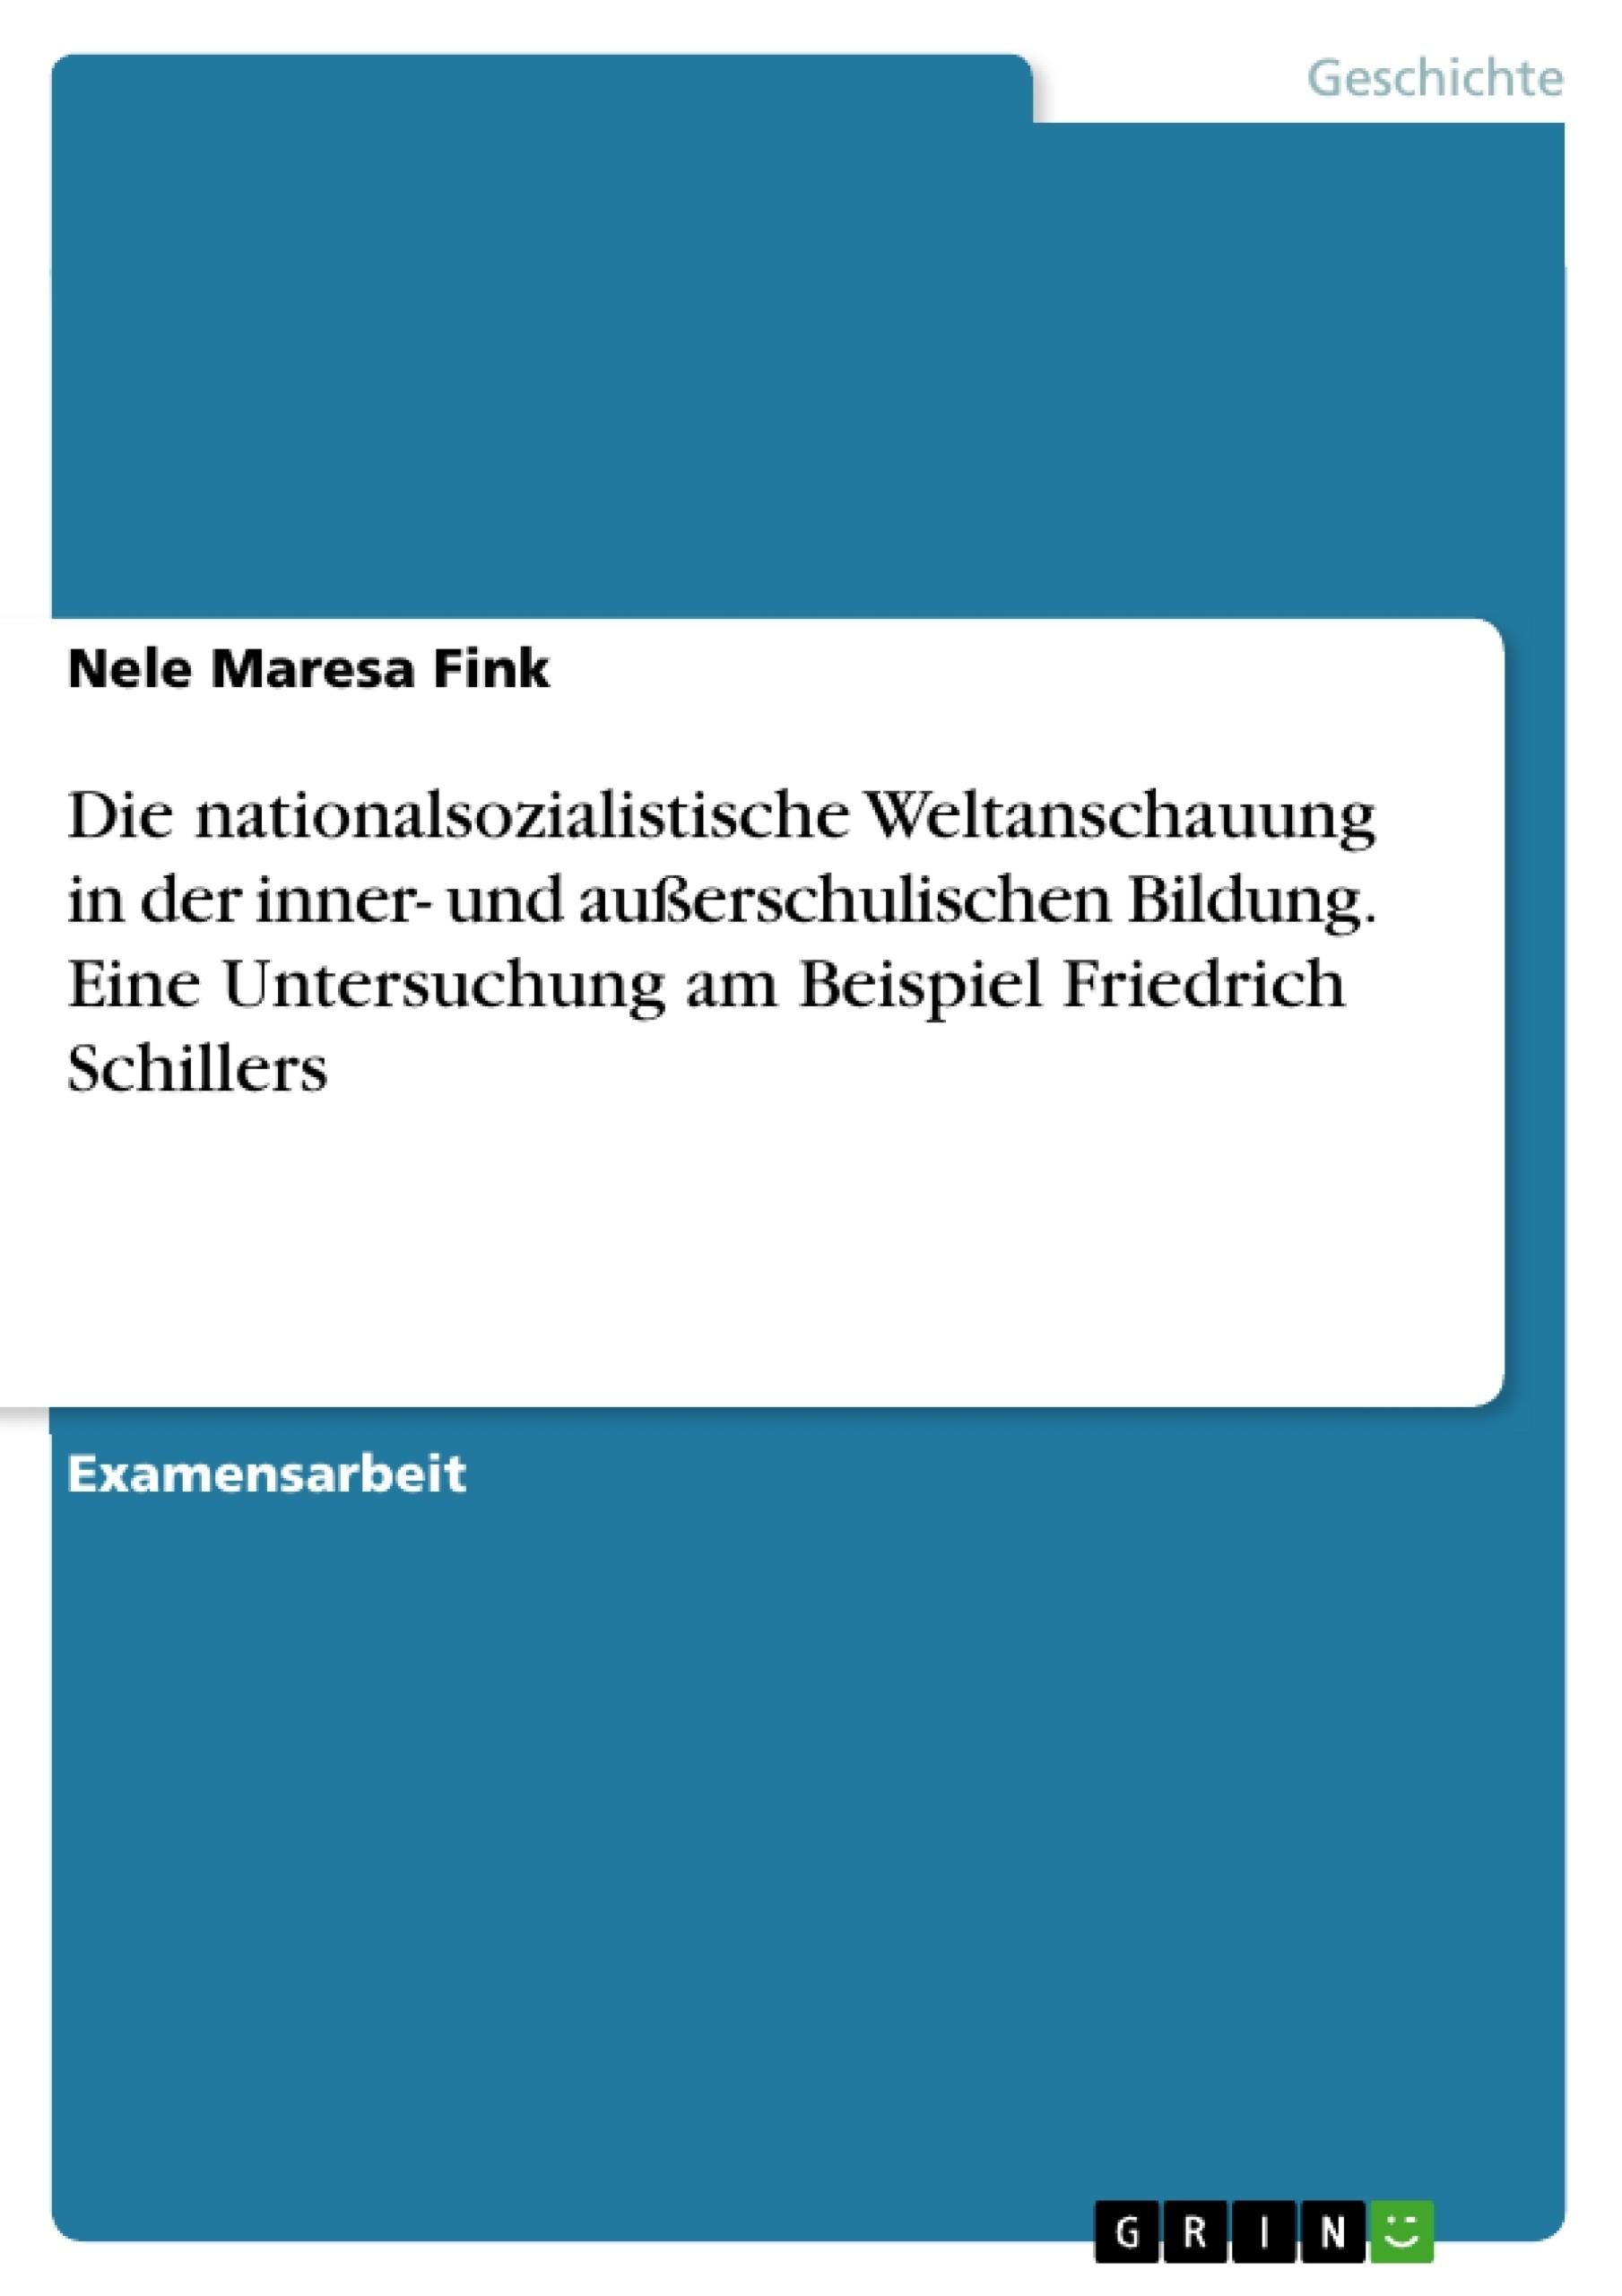 Titel: Die nationalsozialistische Weltanschauung in der inner- und außerschulischen Bildung. Eine Untersuchung am Beispiel Friedrich Schillers